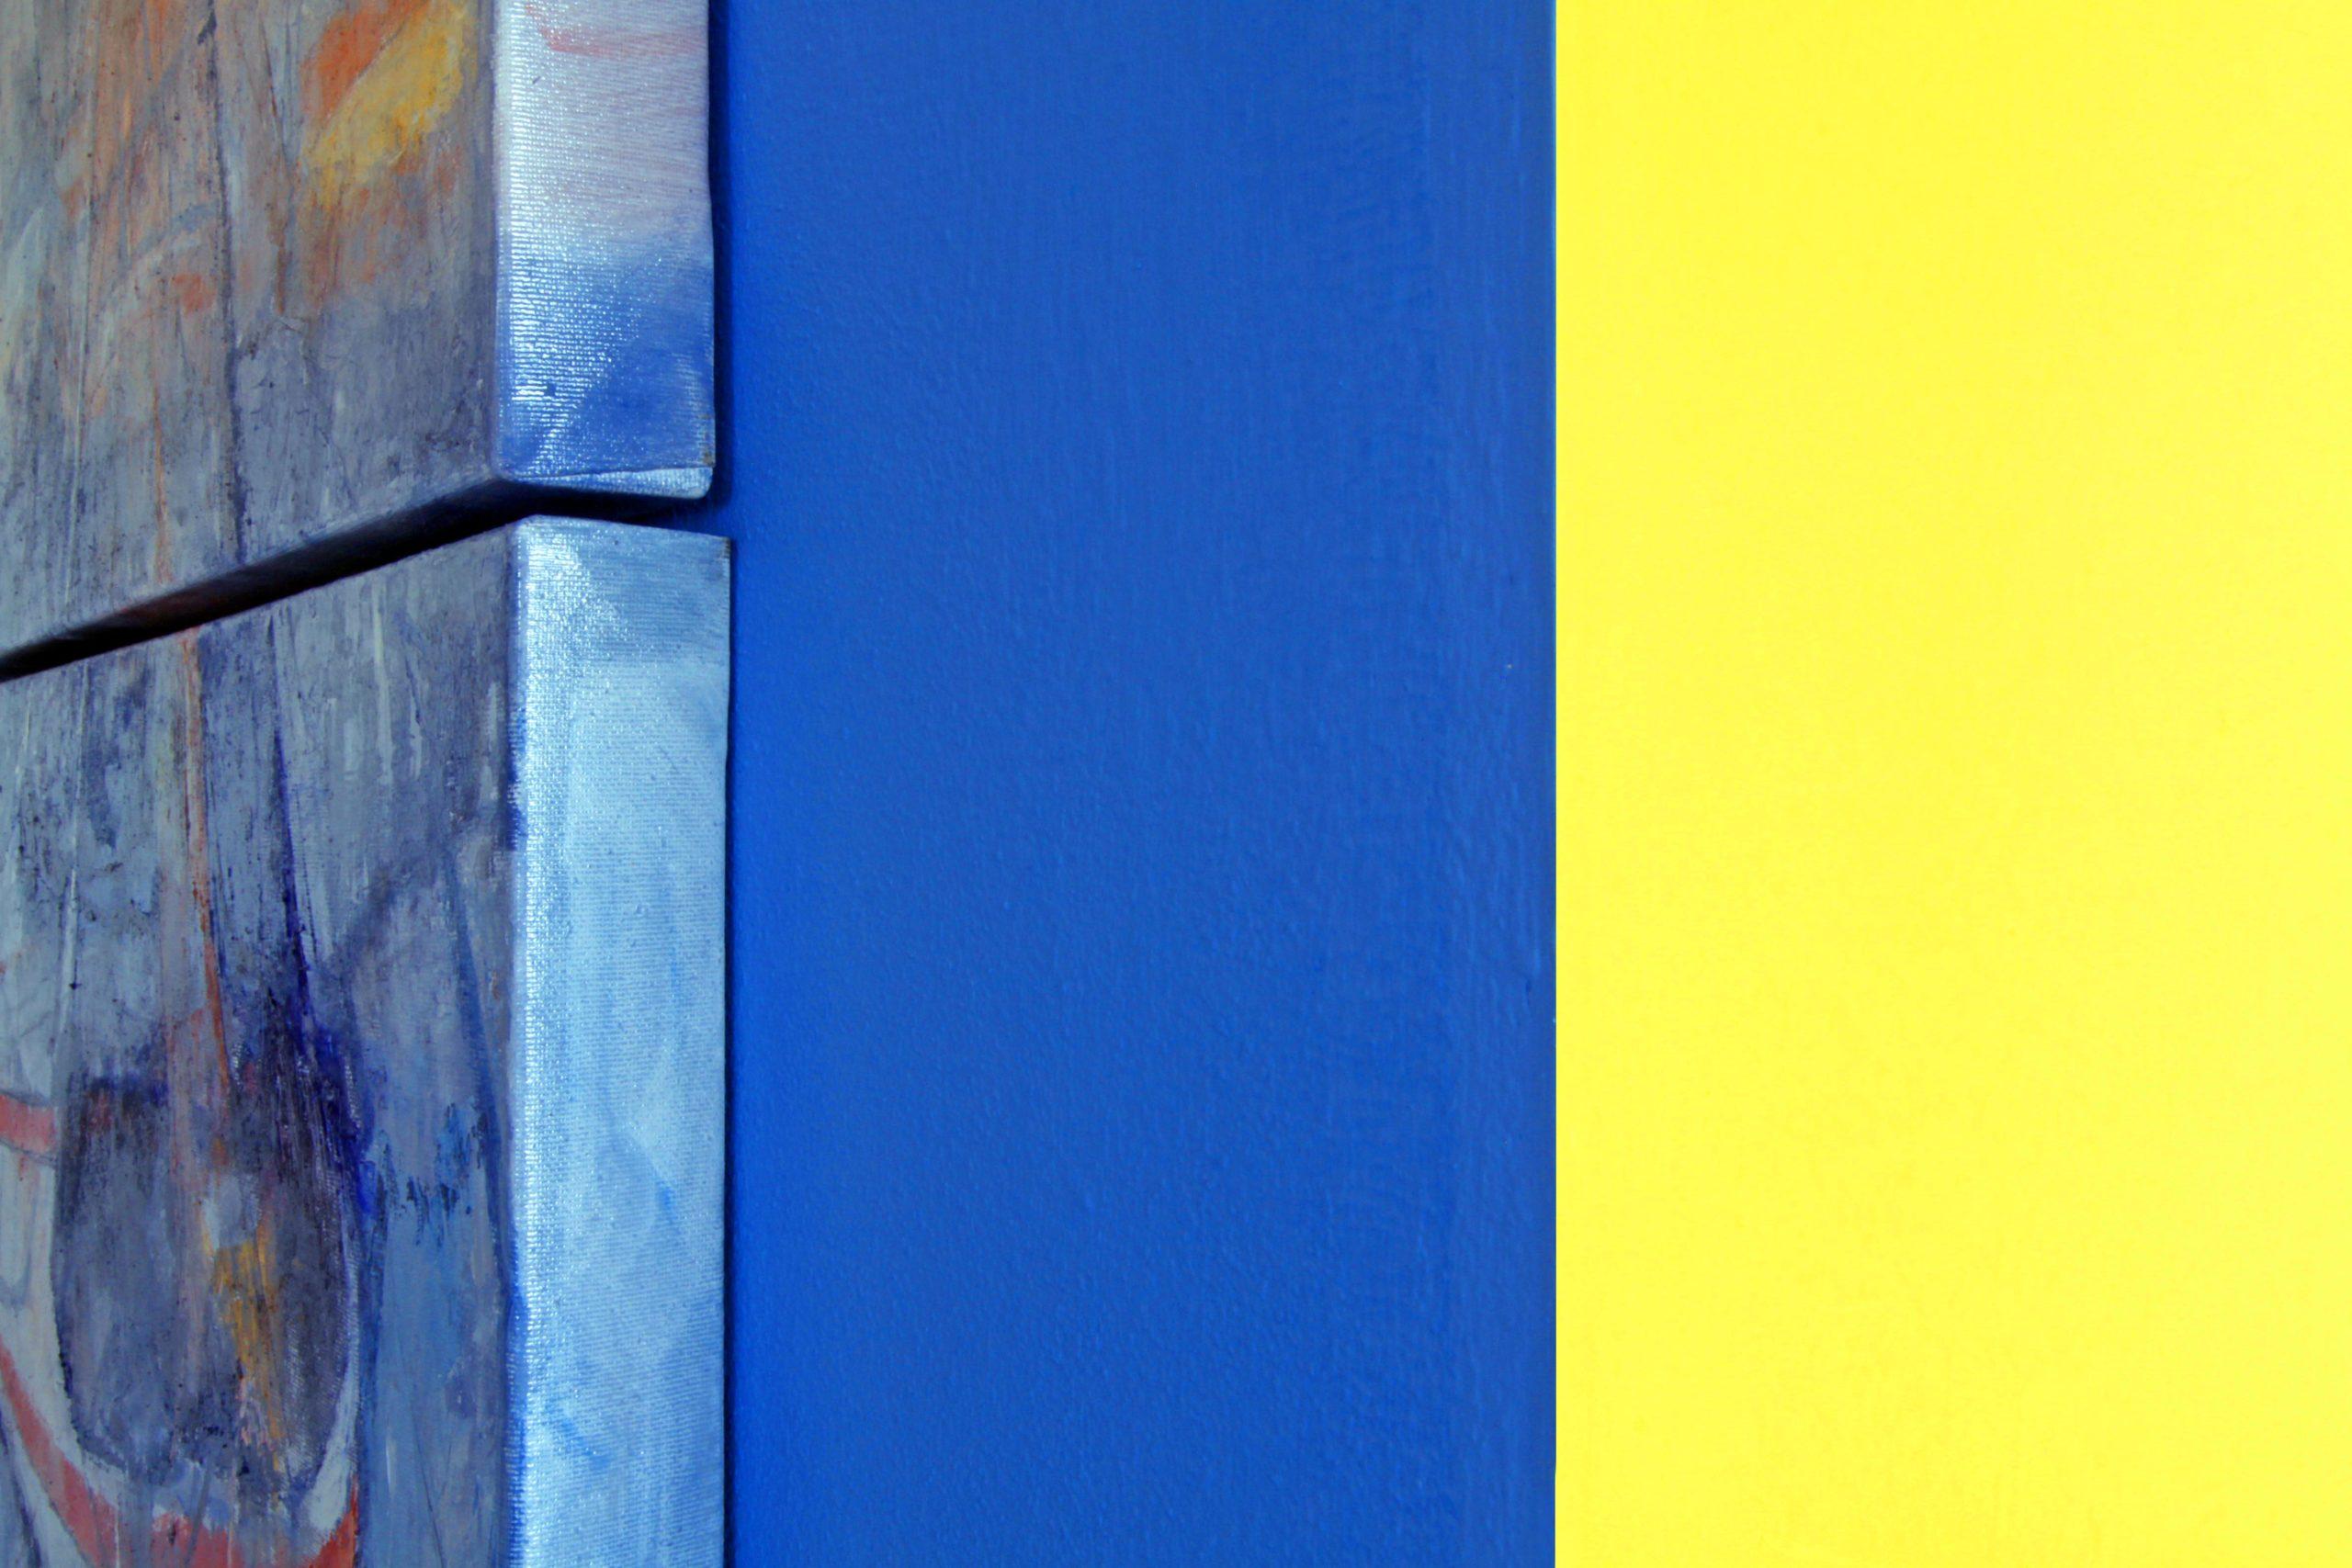 MAURISTUDIO-umberto-mauri-mauri-studio-bosisio-parini-loft_rimini_interior_colors_2000_3